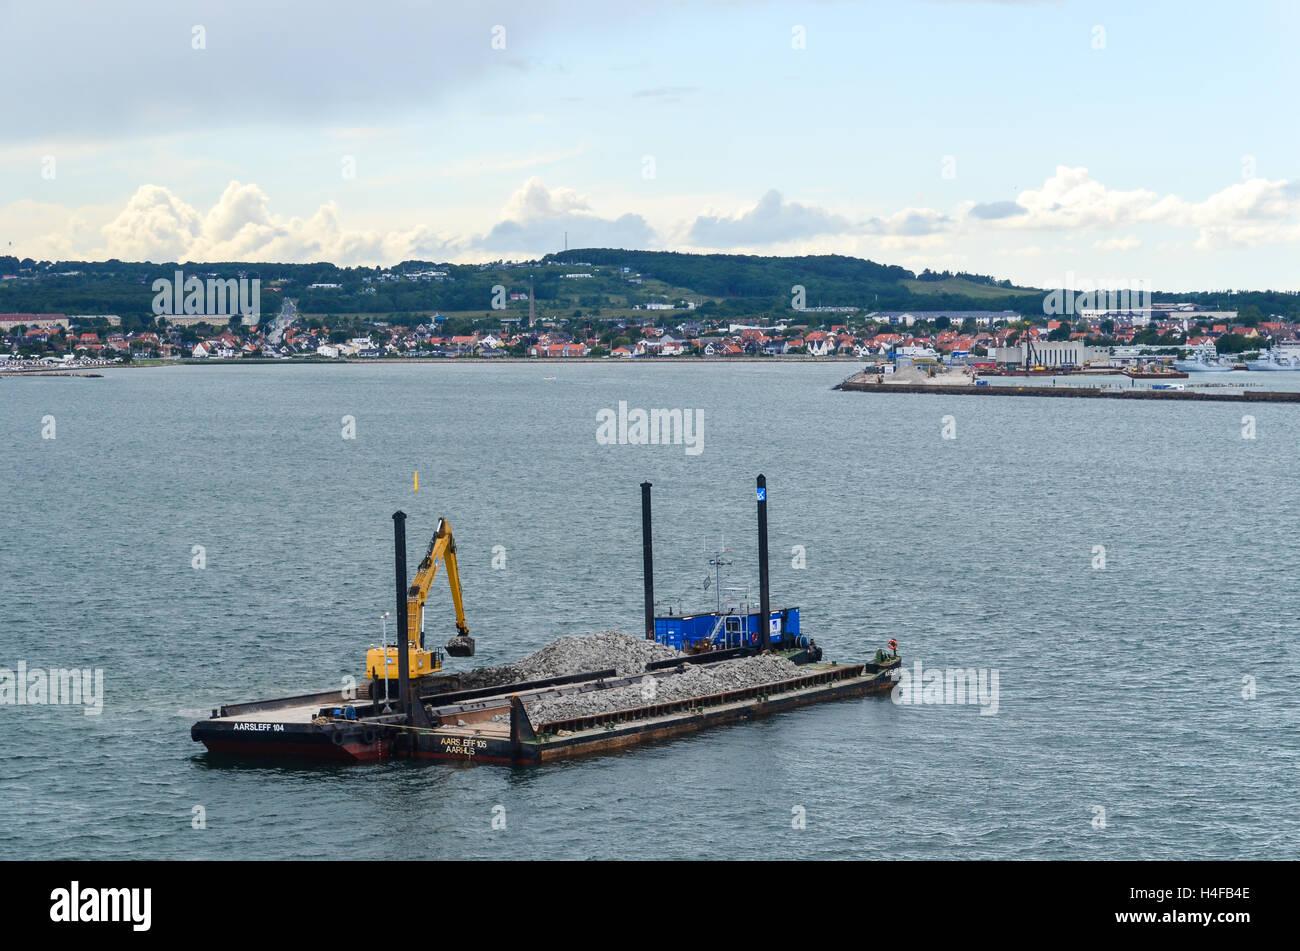 Barge travaillant près du port de Frederikshavn, Danemark Banque D'Images